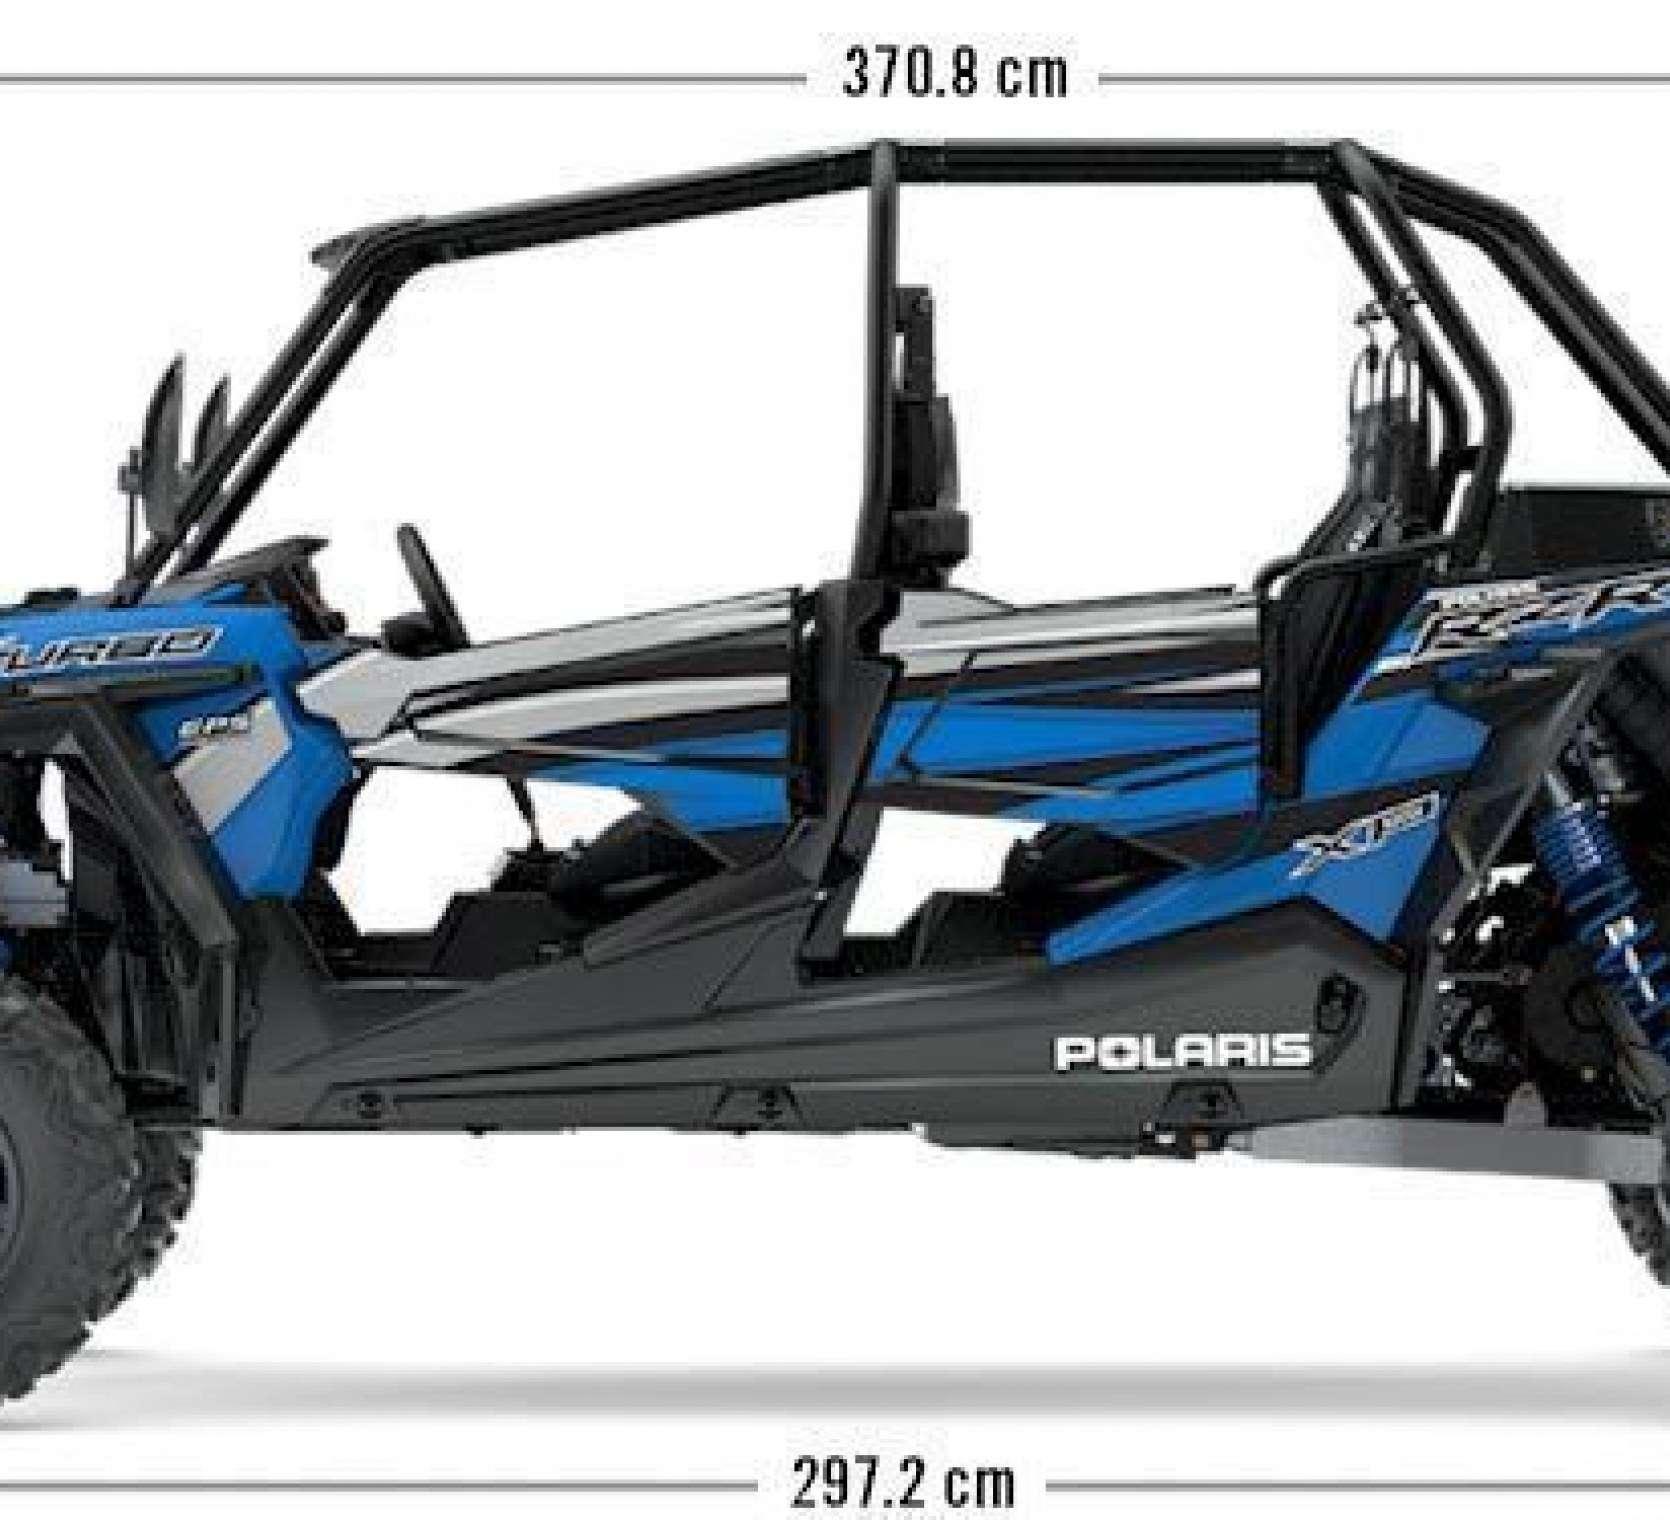 168 KM RZR Turbo na obrazku przedstawiono wymiary pojazdu korbanek.pl